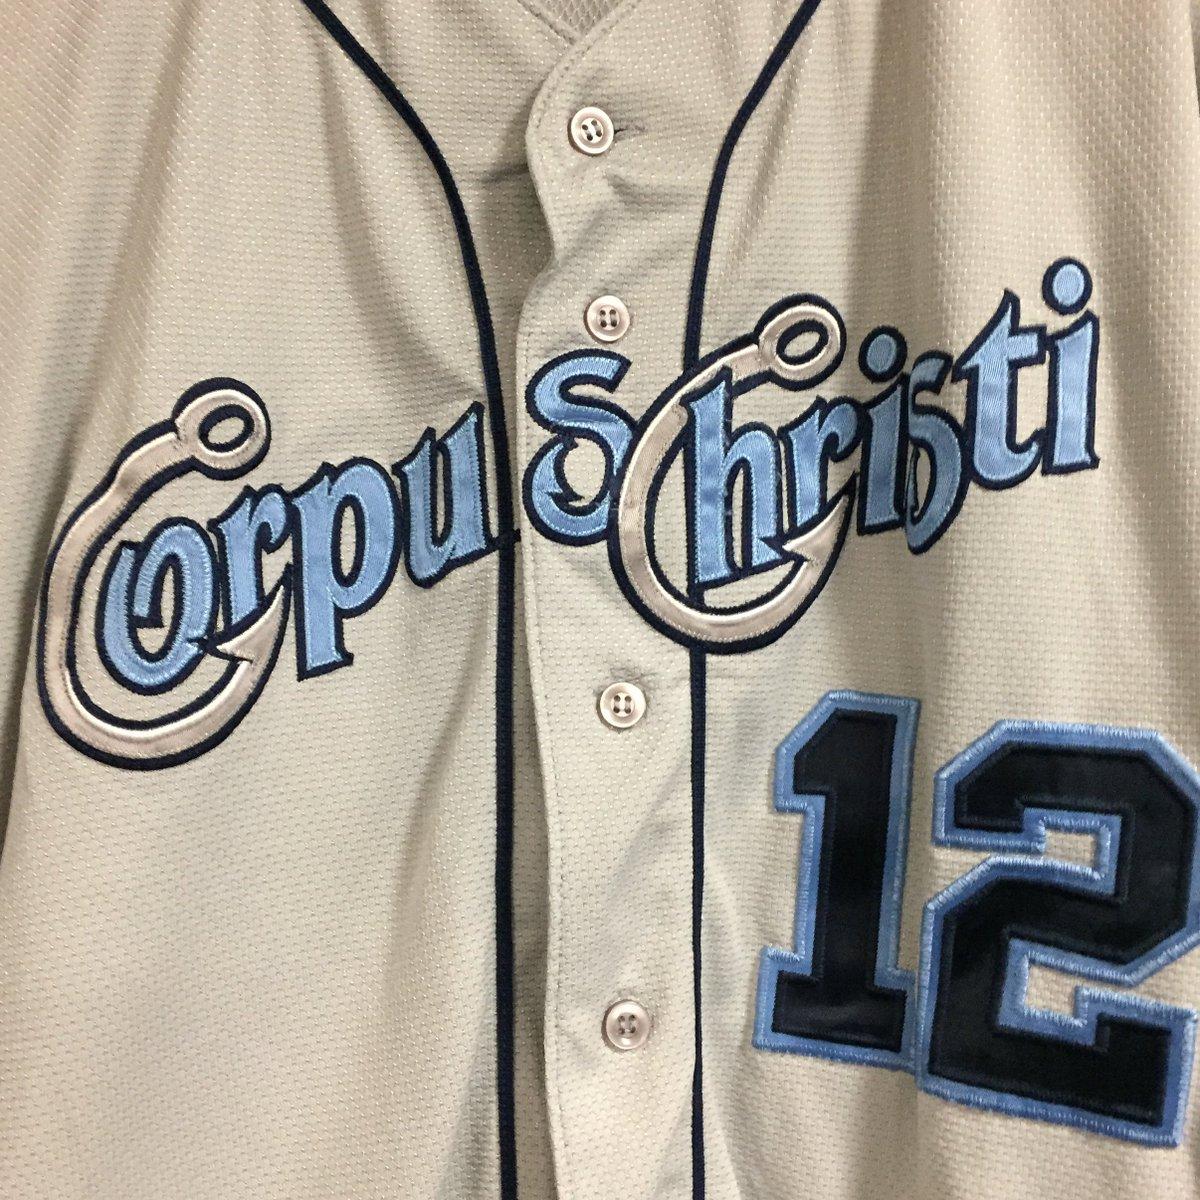 Corpus christi hook up